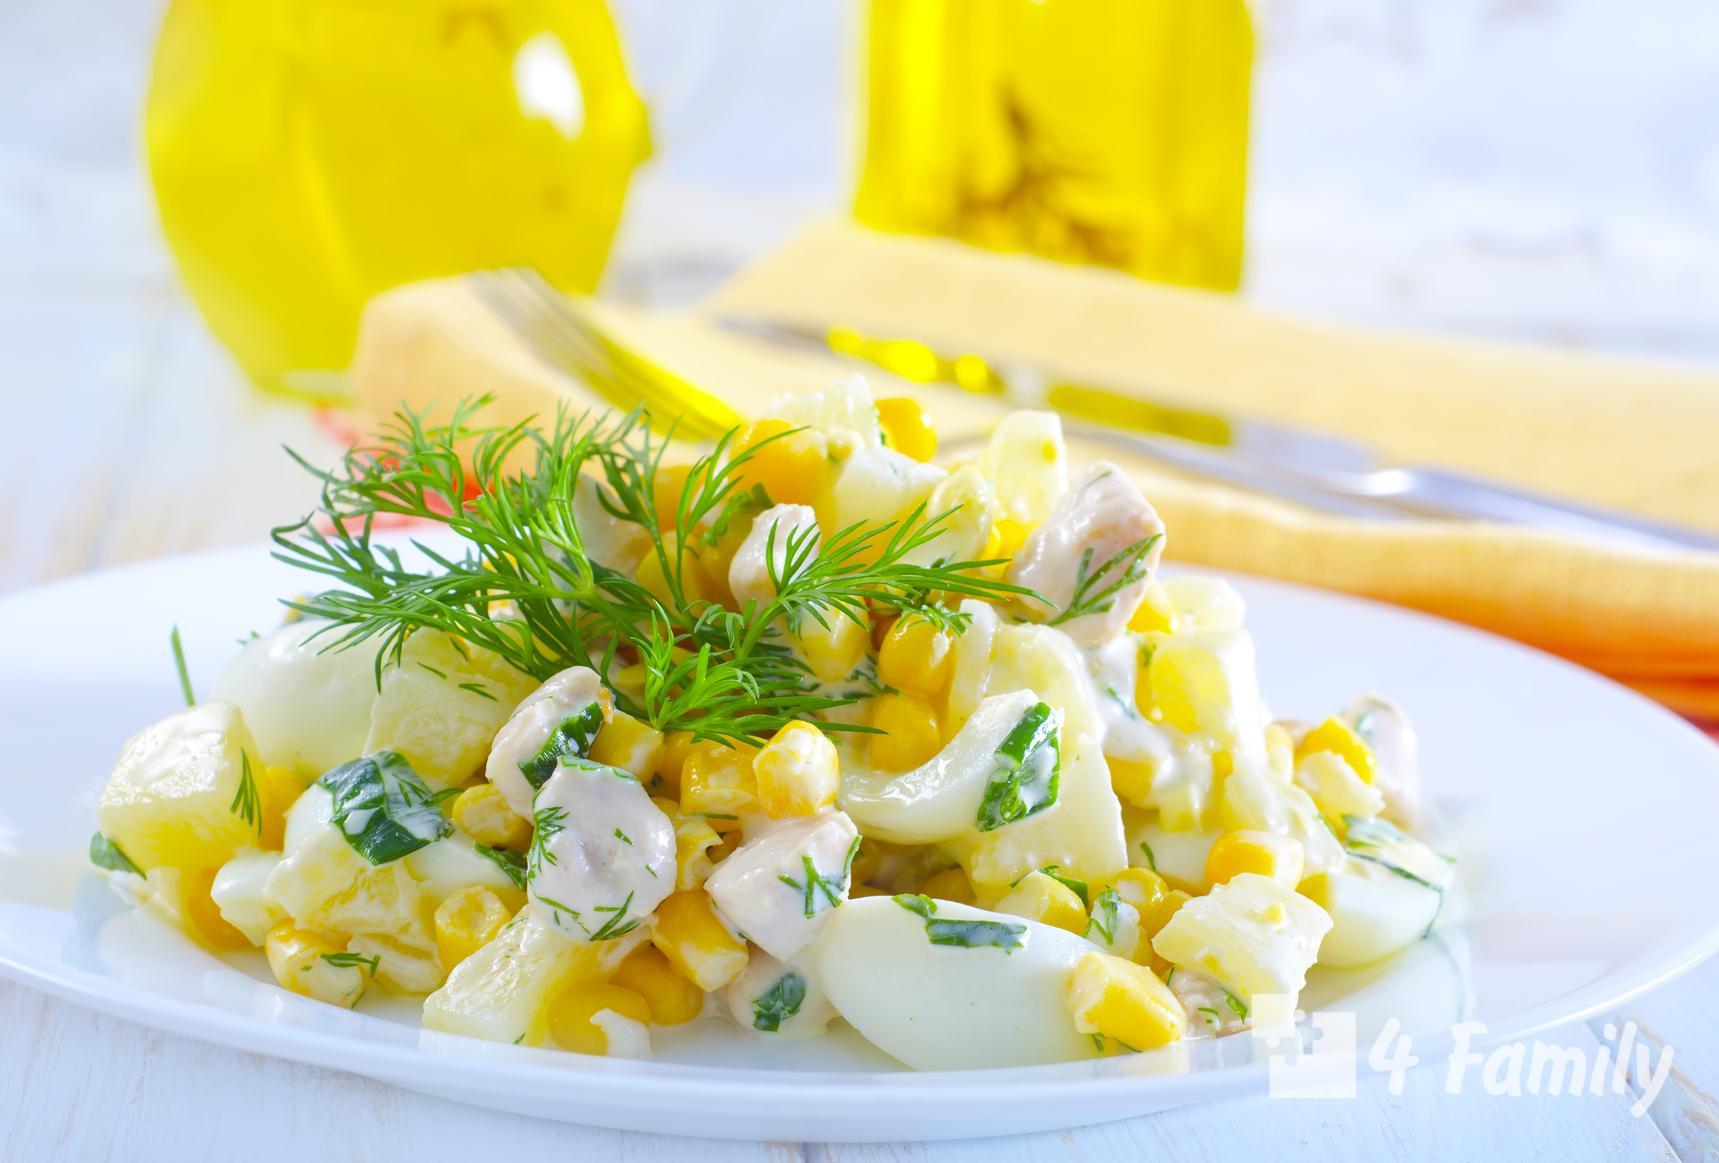 Как приготовить салат с ананасом и курицей, и сыром